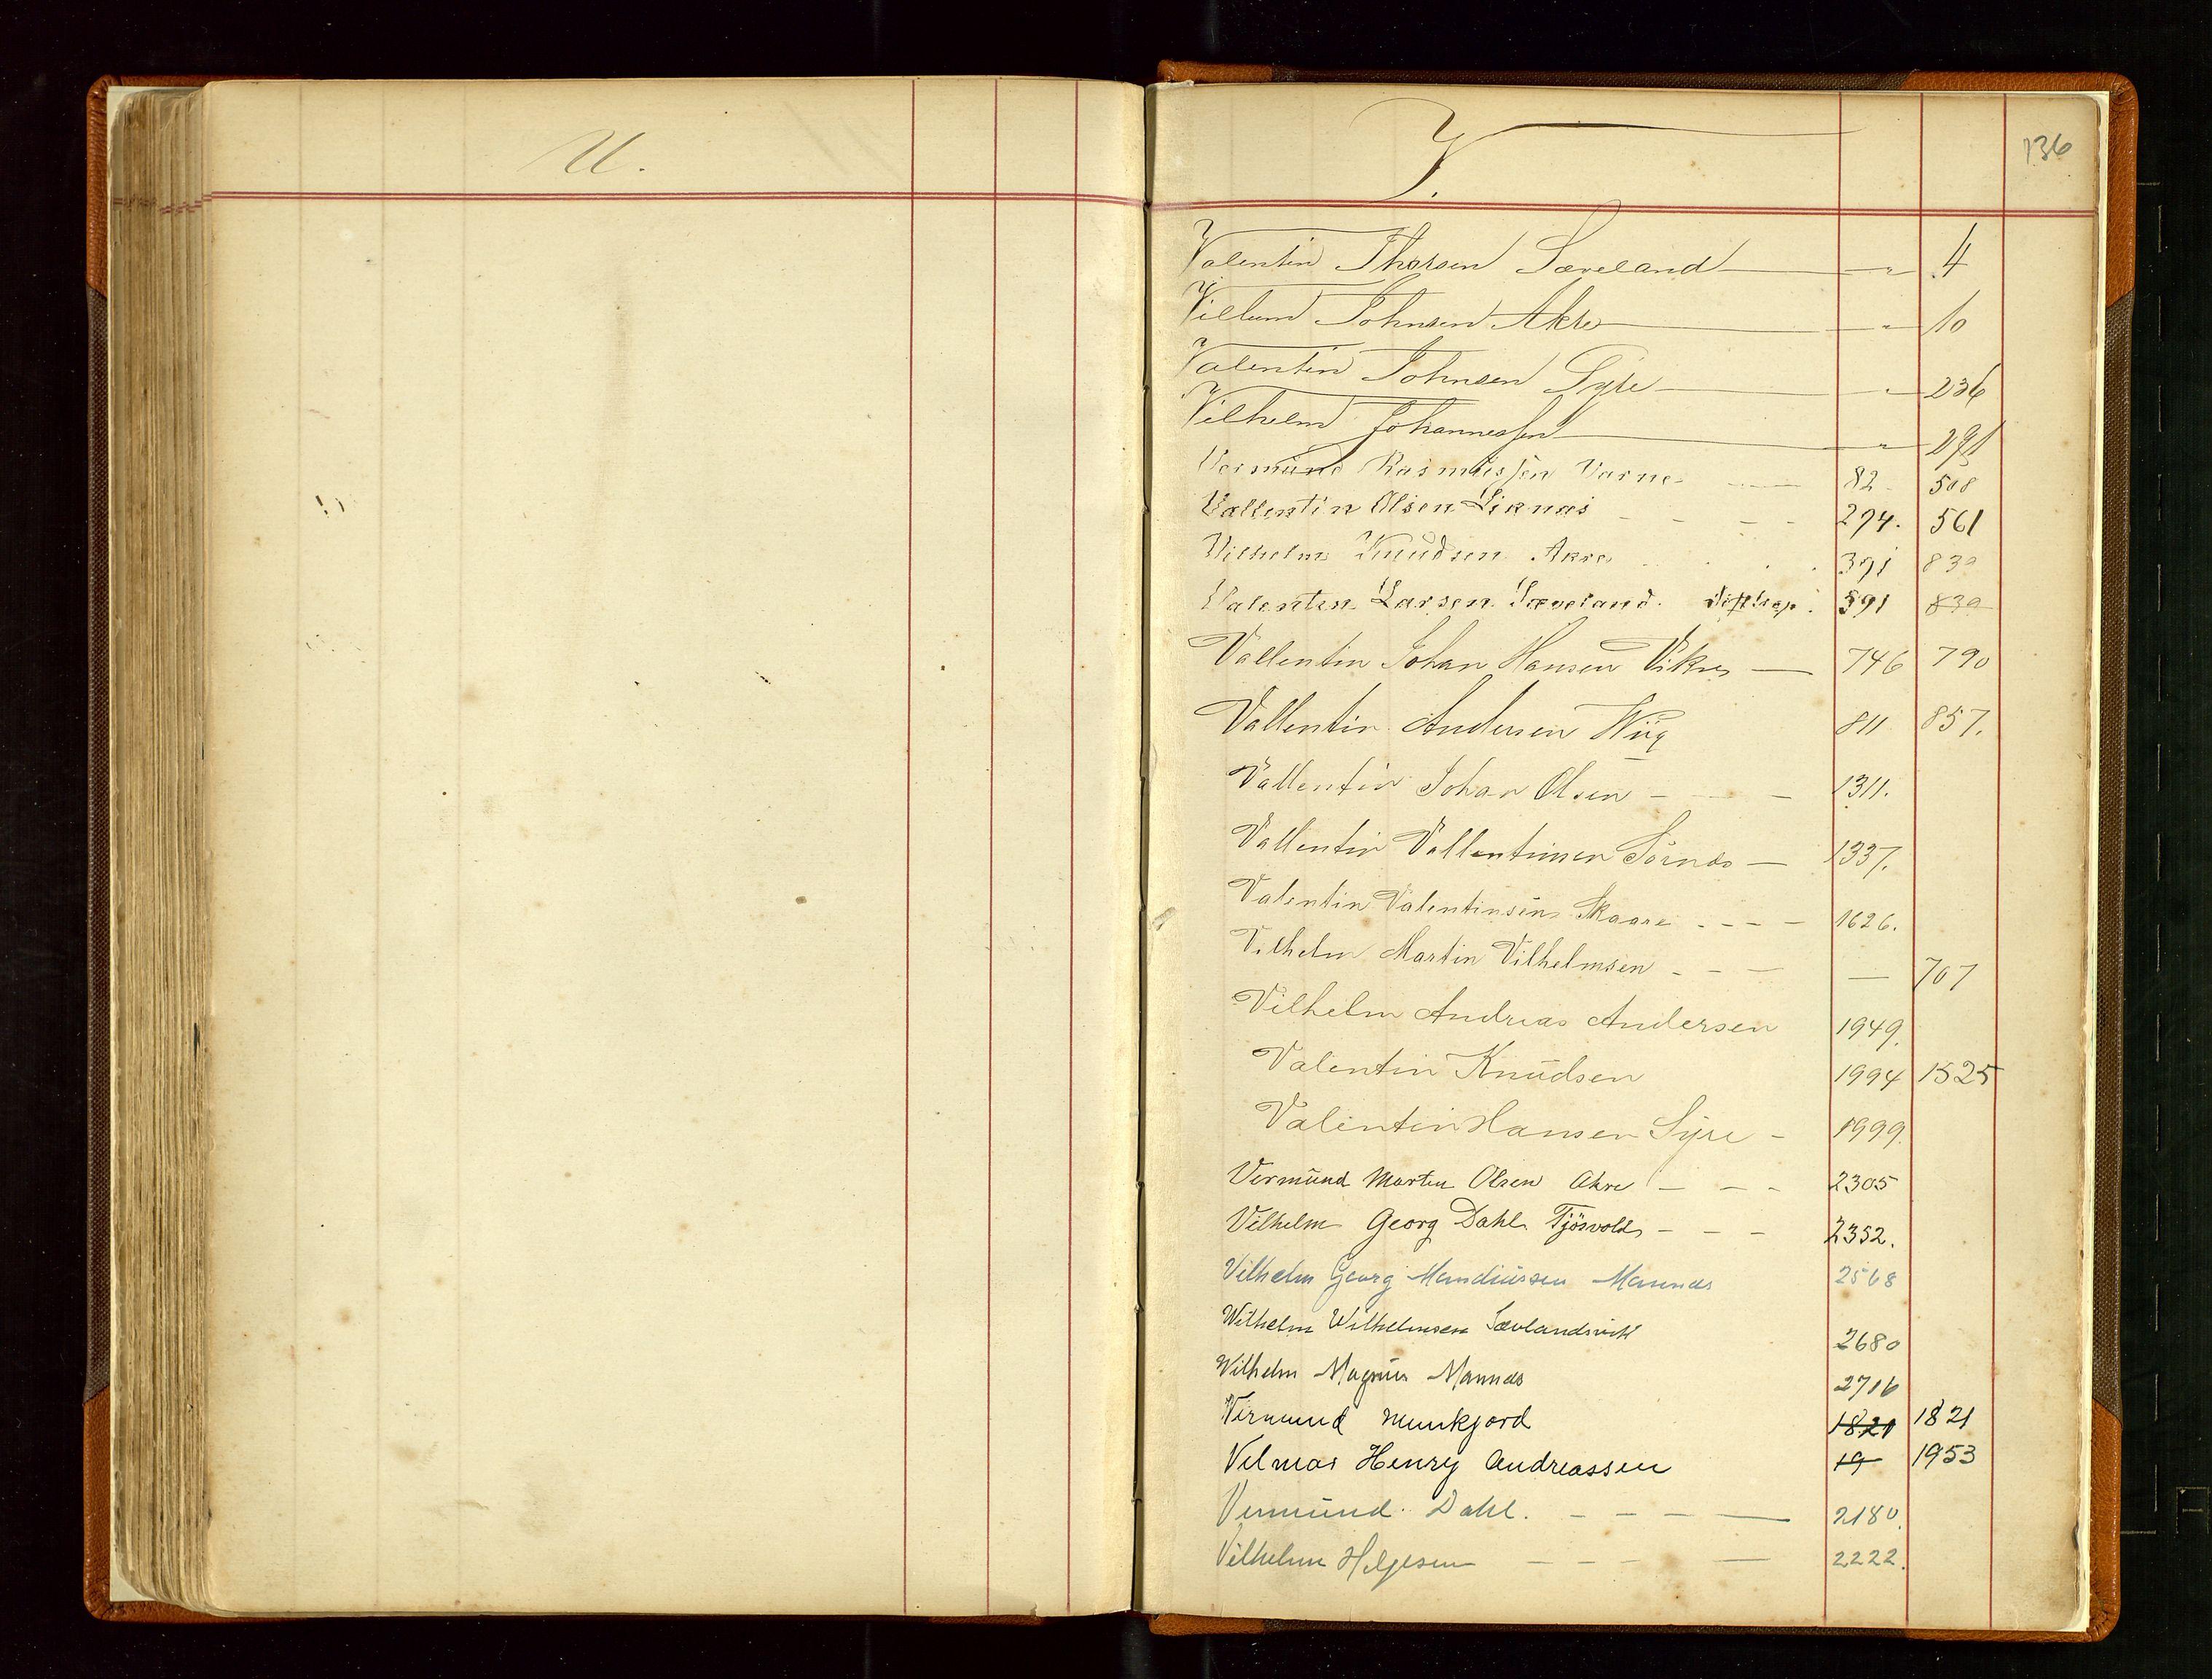 SAST, Haugesund sjømannskontor, F/Fb/Fba/L0003: Navneregister med henvisning til rullenummer (fornavn) Haugesund krets, 1860-1948, s. 136